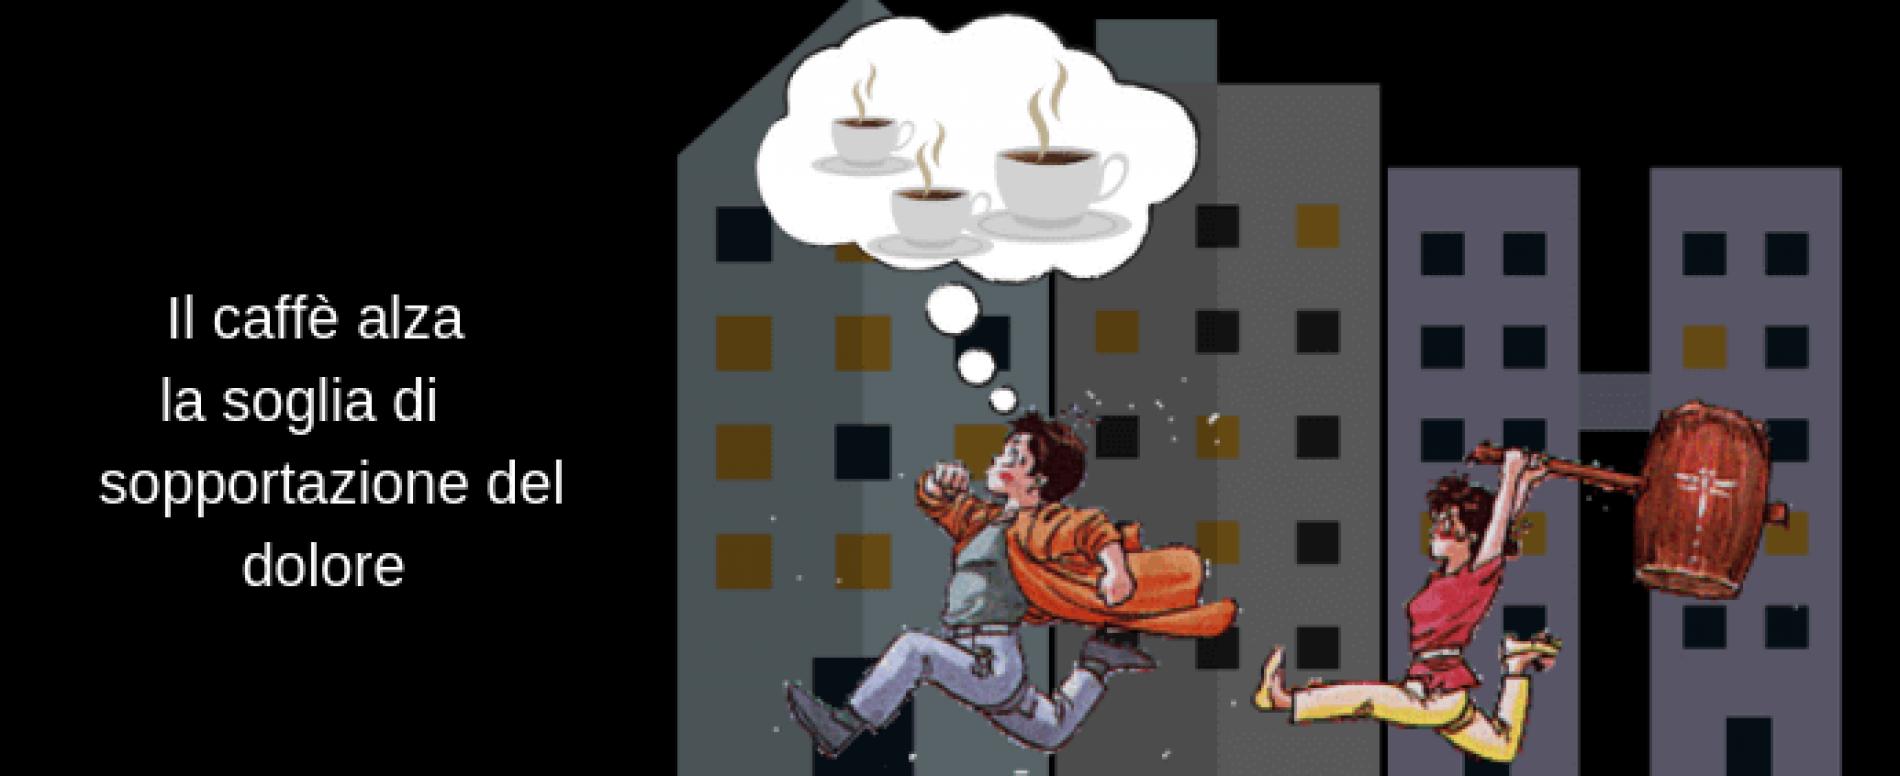 Due tazze di caffè al giorno: un analgesico contro il dolore